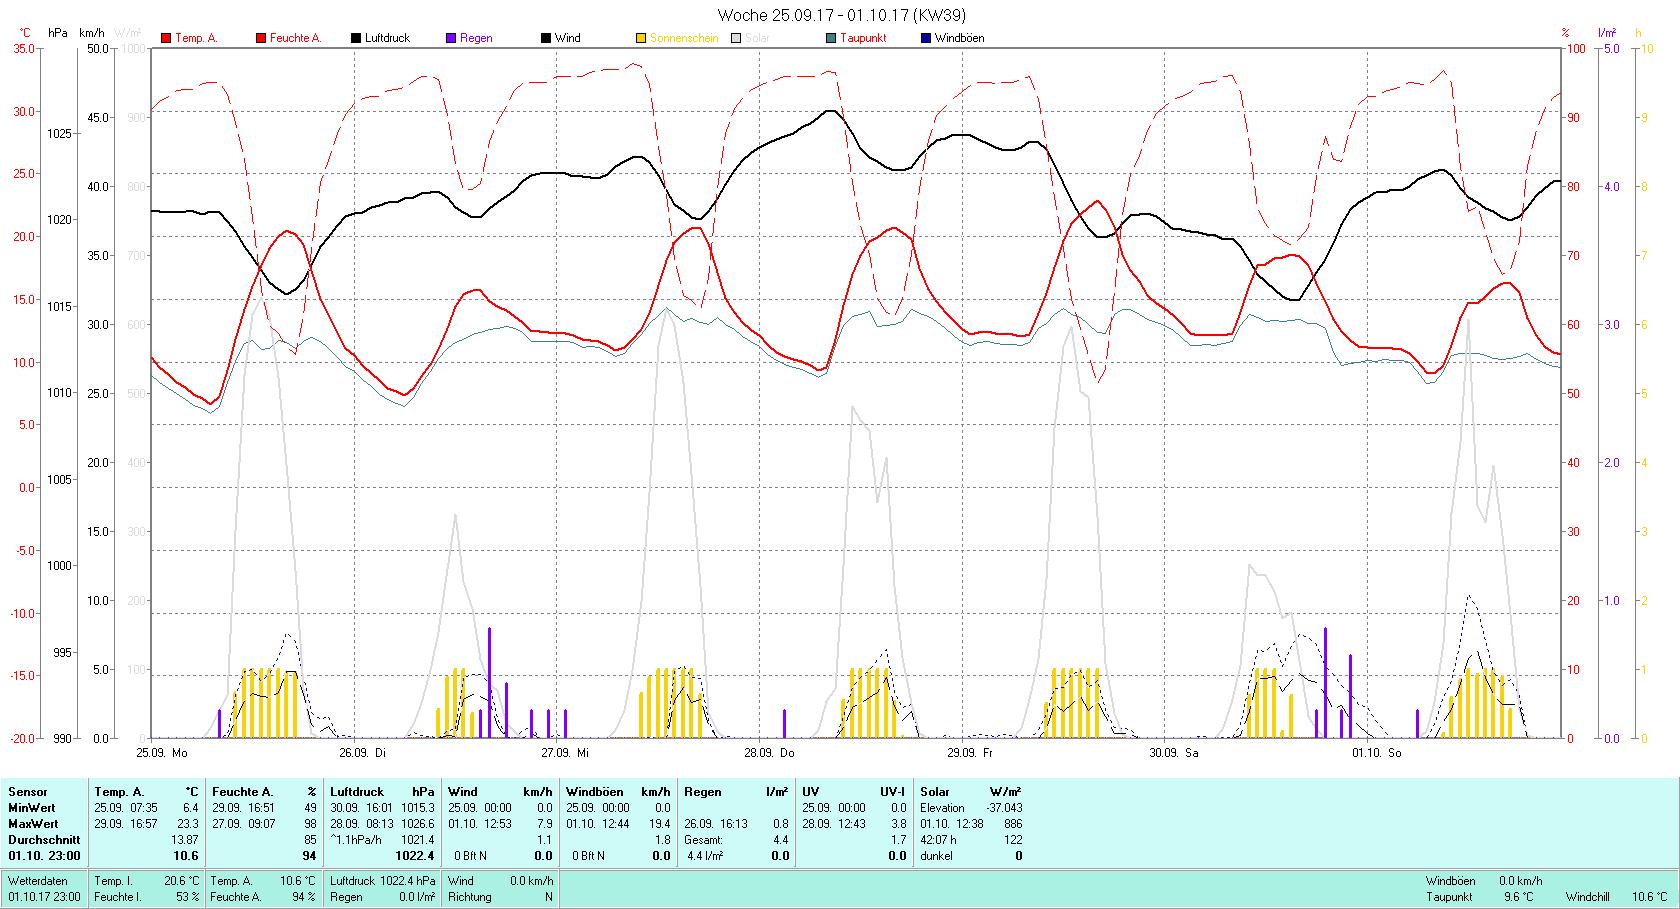 KW 39 Tmin 6.4°C, Tmax 23.3°C, Sonne 42:07 h Niederschlag 4.4 mm2